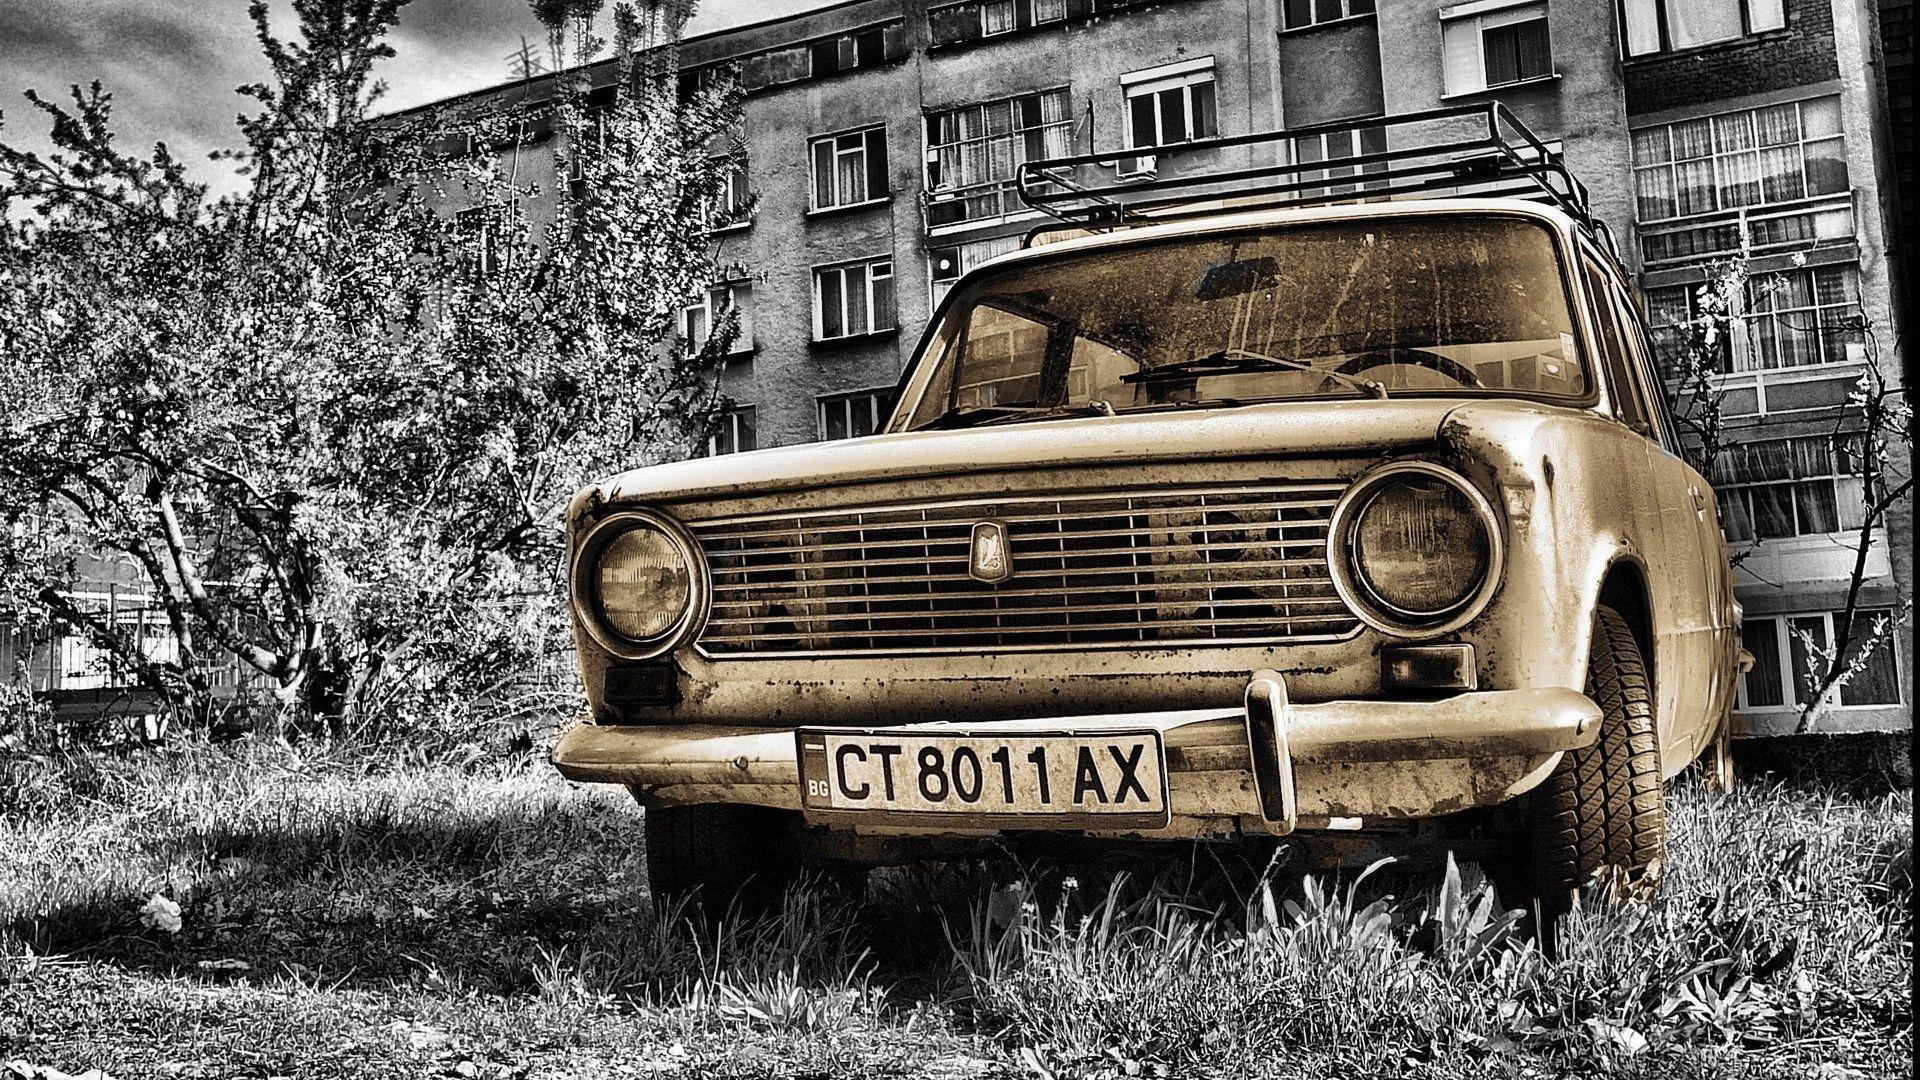 Lada 2101 Russia Russians Ussr Cars Wallpaper Car Wallpapers Car Vintage Cars